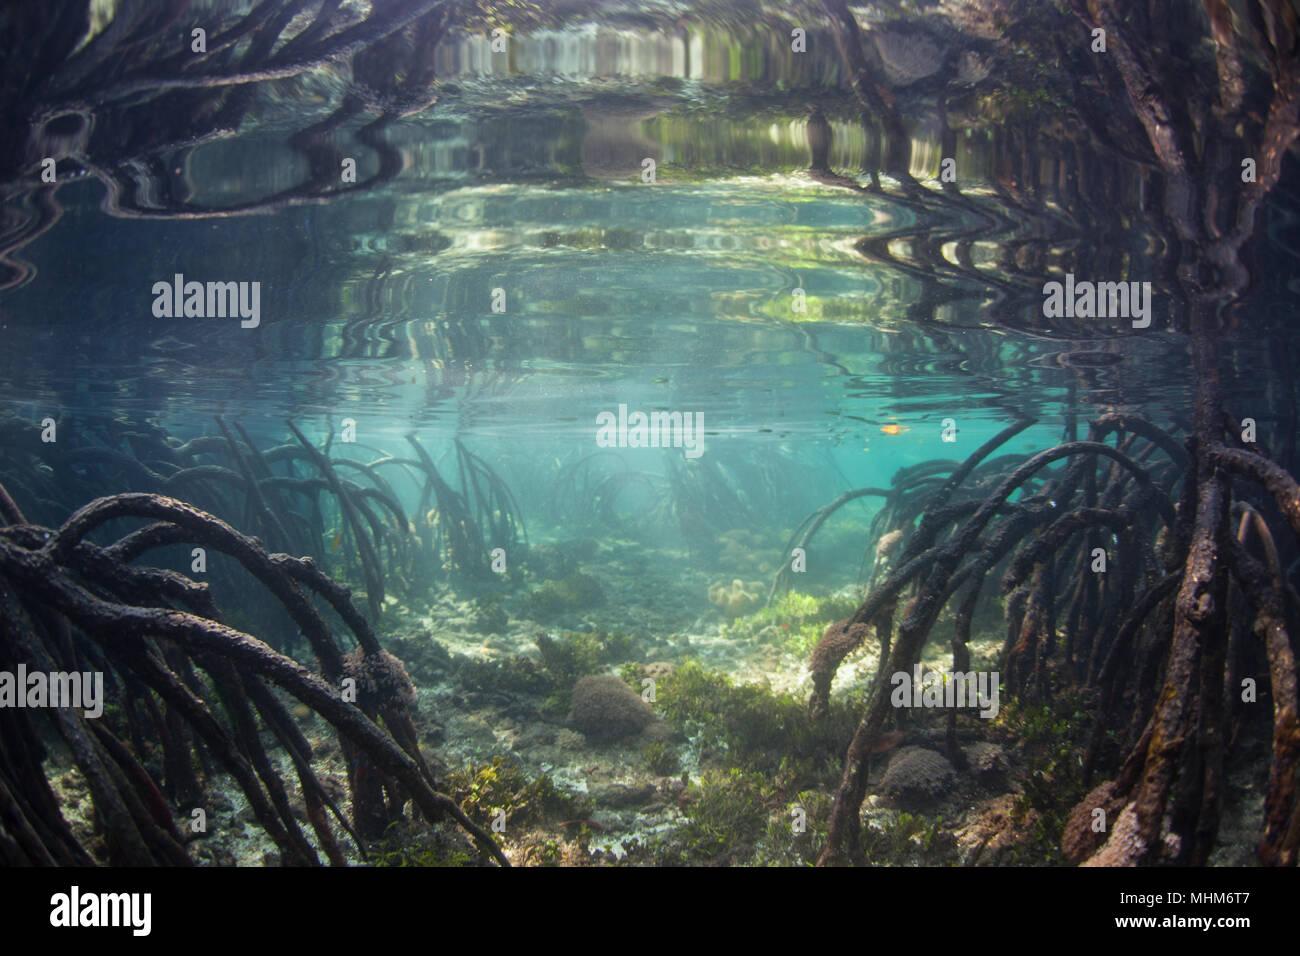 La marée monte une belle eau bleu les mangroves au Raja Ampat, en Indonésie. Ce type de mangrove est connu pour ses eaux claires. Photo Stock